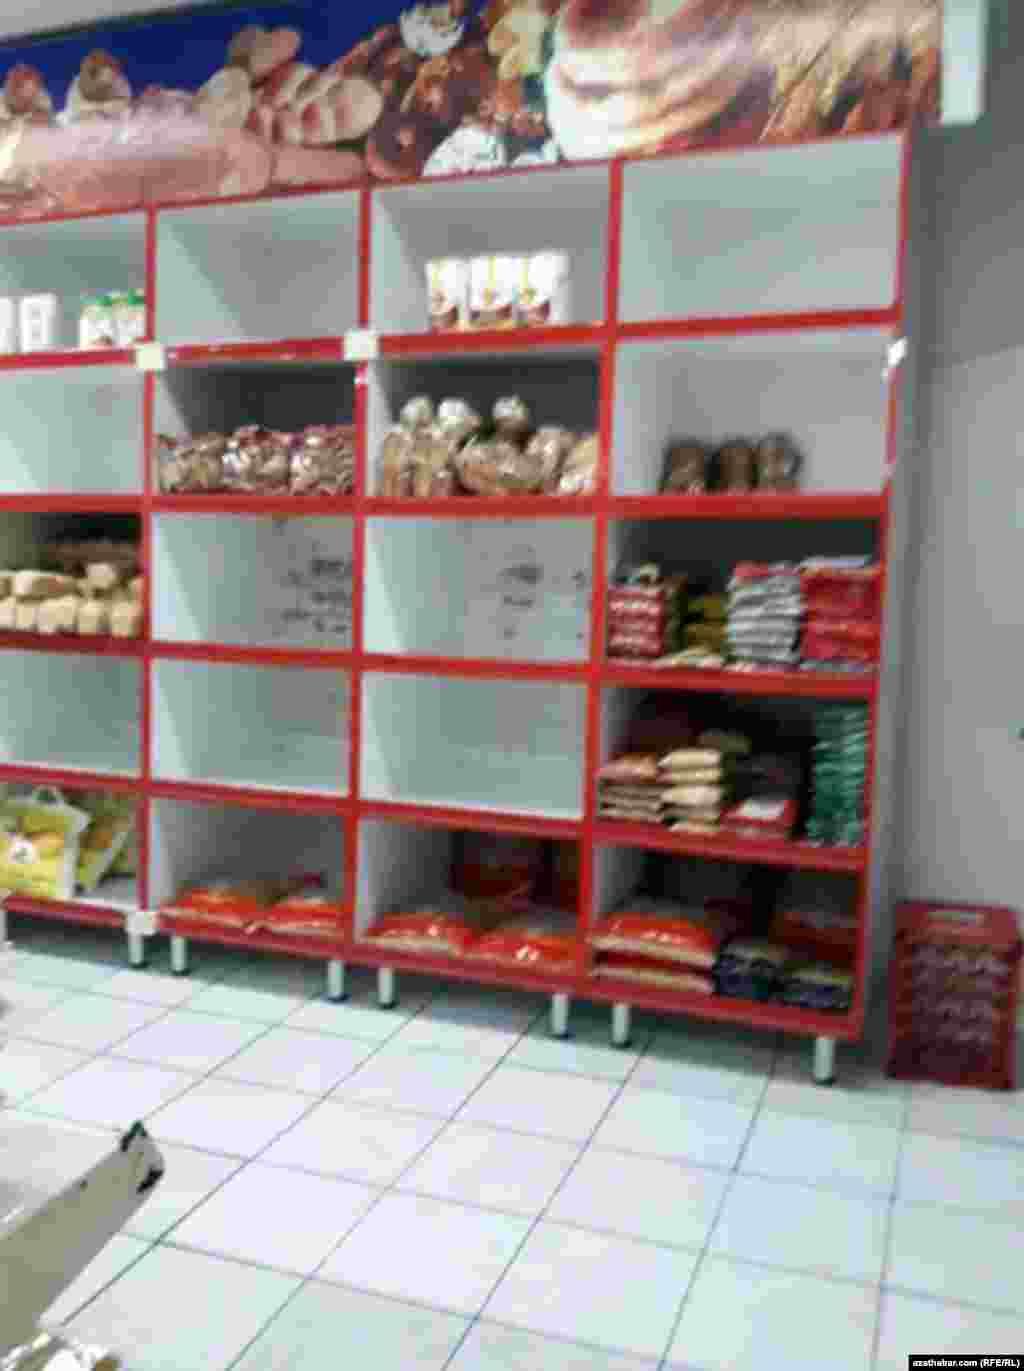 Прилавок продуктового магазина в столичном микрорайоне Мир, Ашхабад